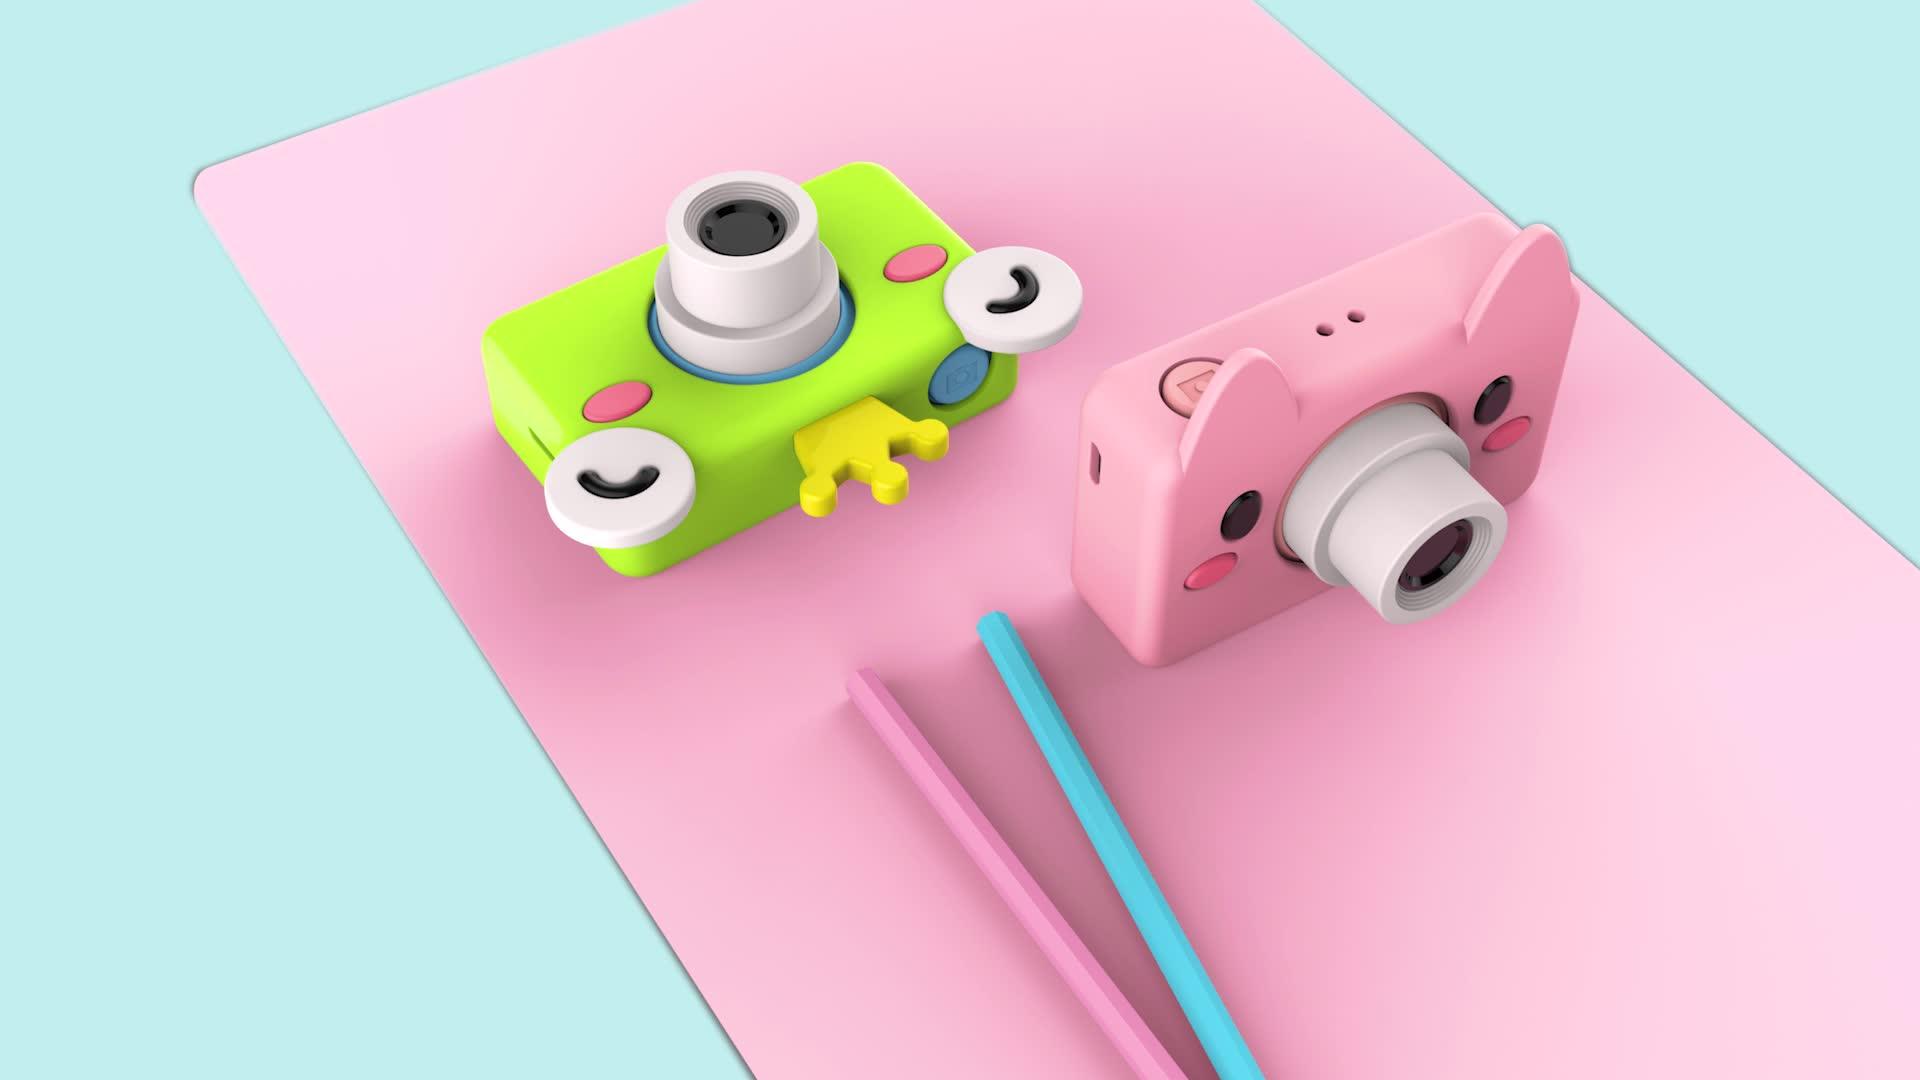 Dijital kamera 2.0 inç çocuklar için destek video fotoğraf çocuk kamera ile koruma kamera